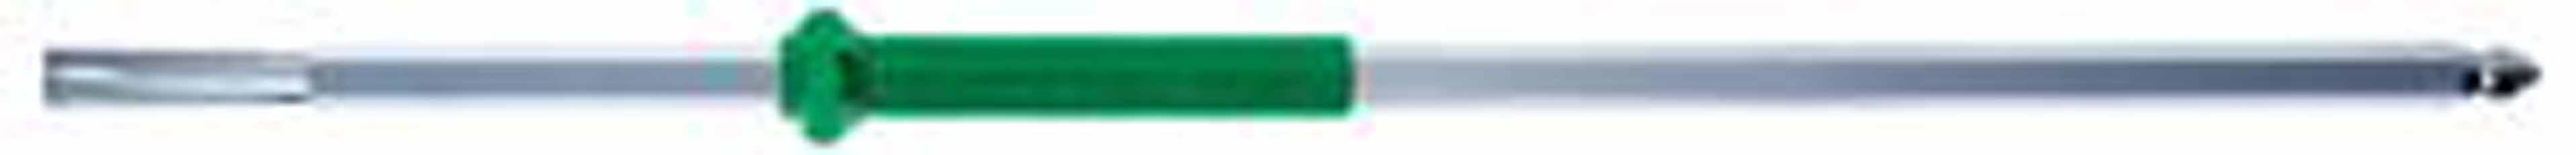 Zeskantstiftsleutel Torx T15 WIHA 26068